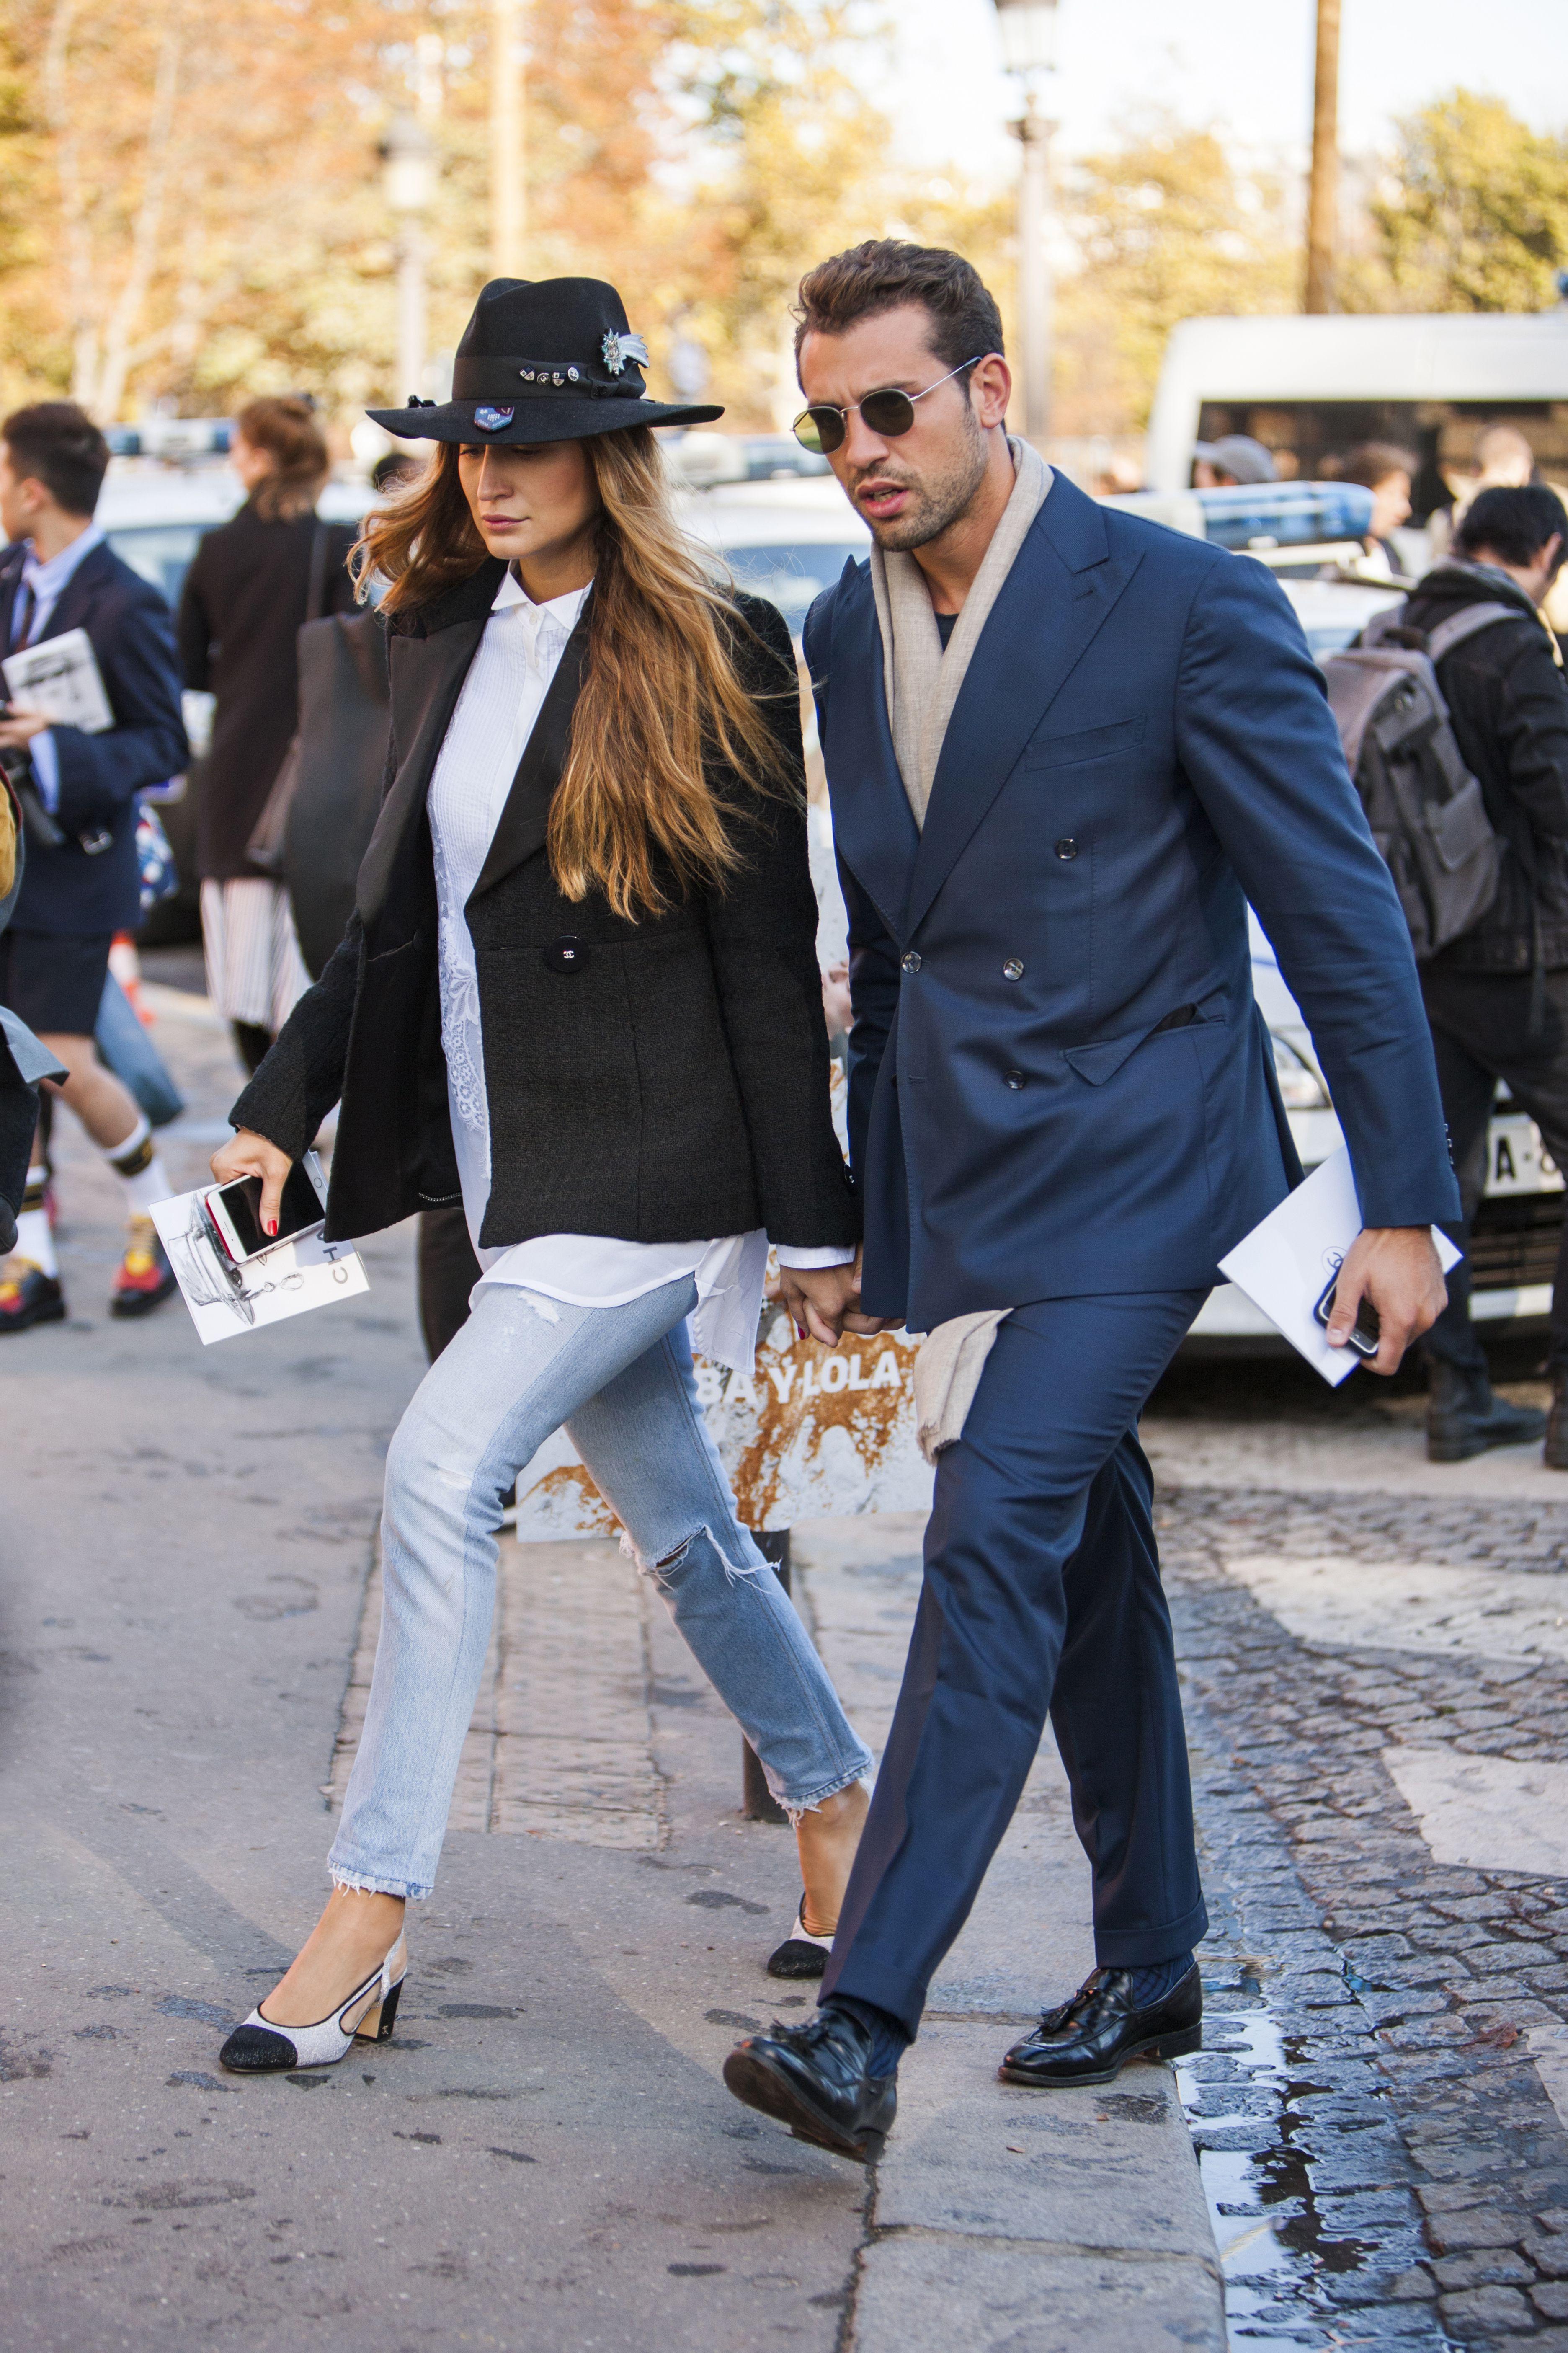 Udvoje je više stylish: Ovi prezgodni parovi svima su očitali modne lekcije